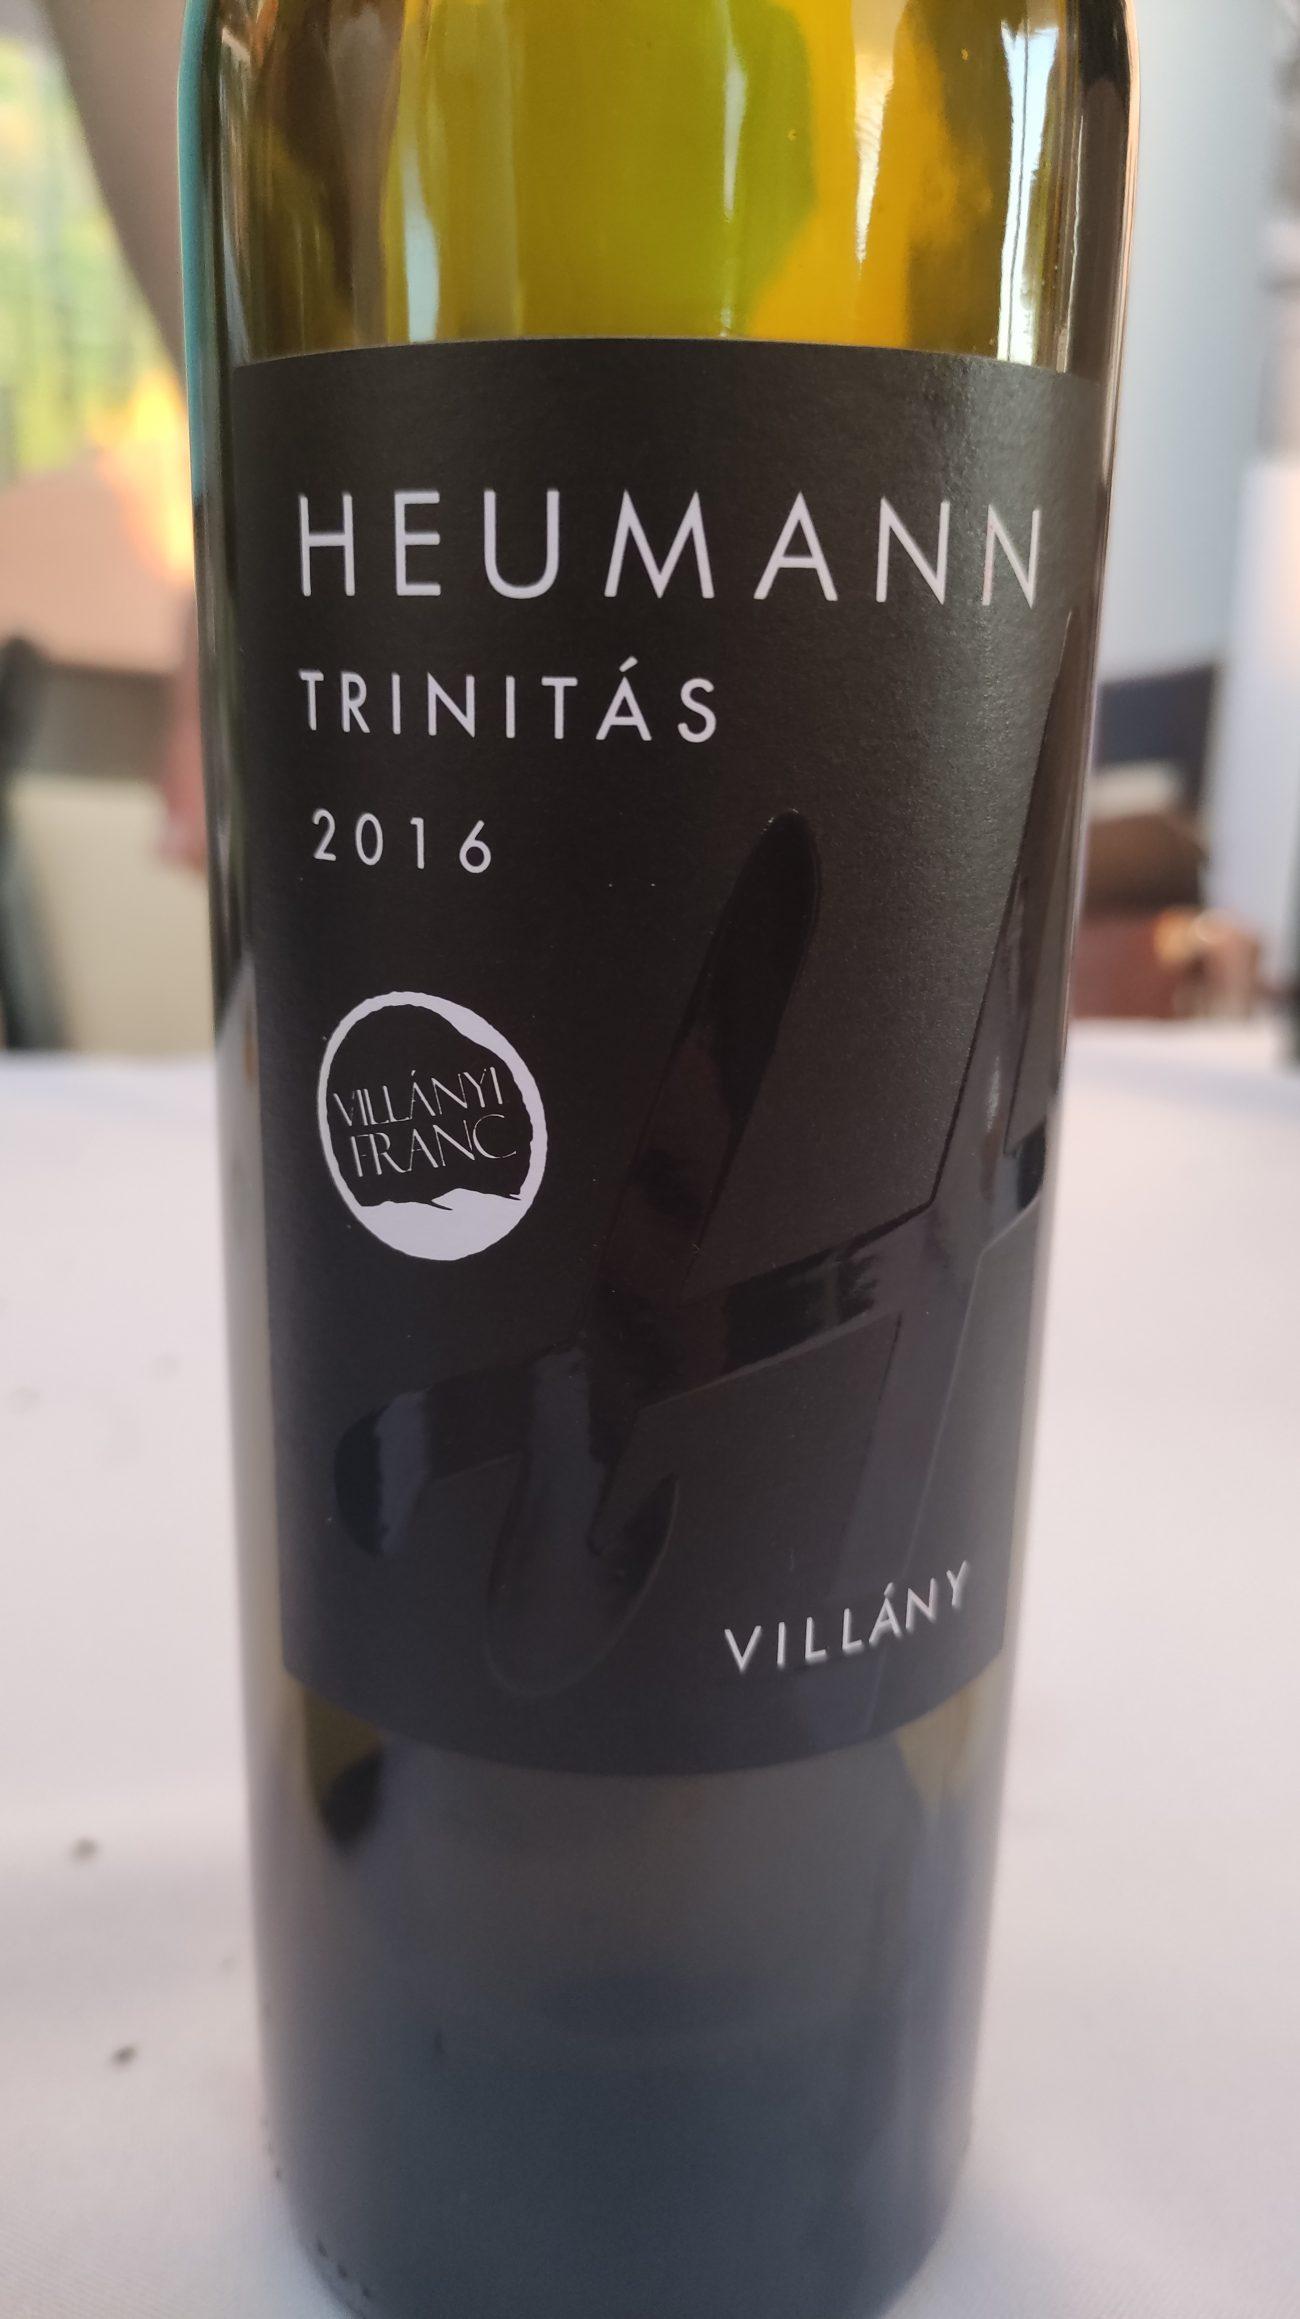 villanyi franc Heumann Trinitás 2016